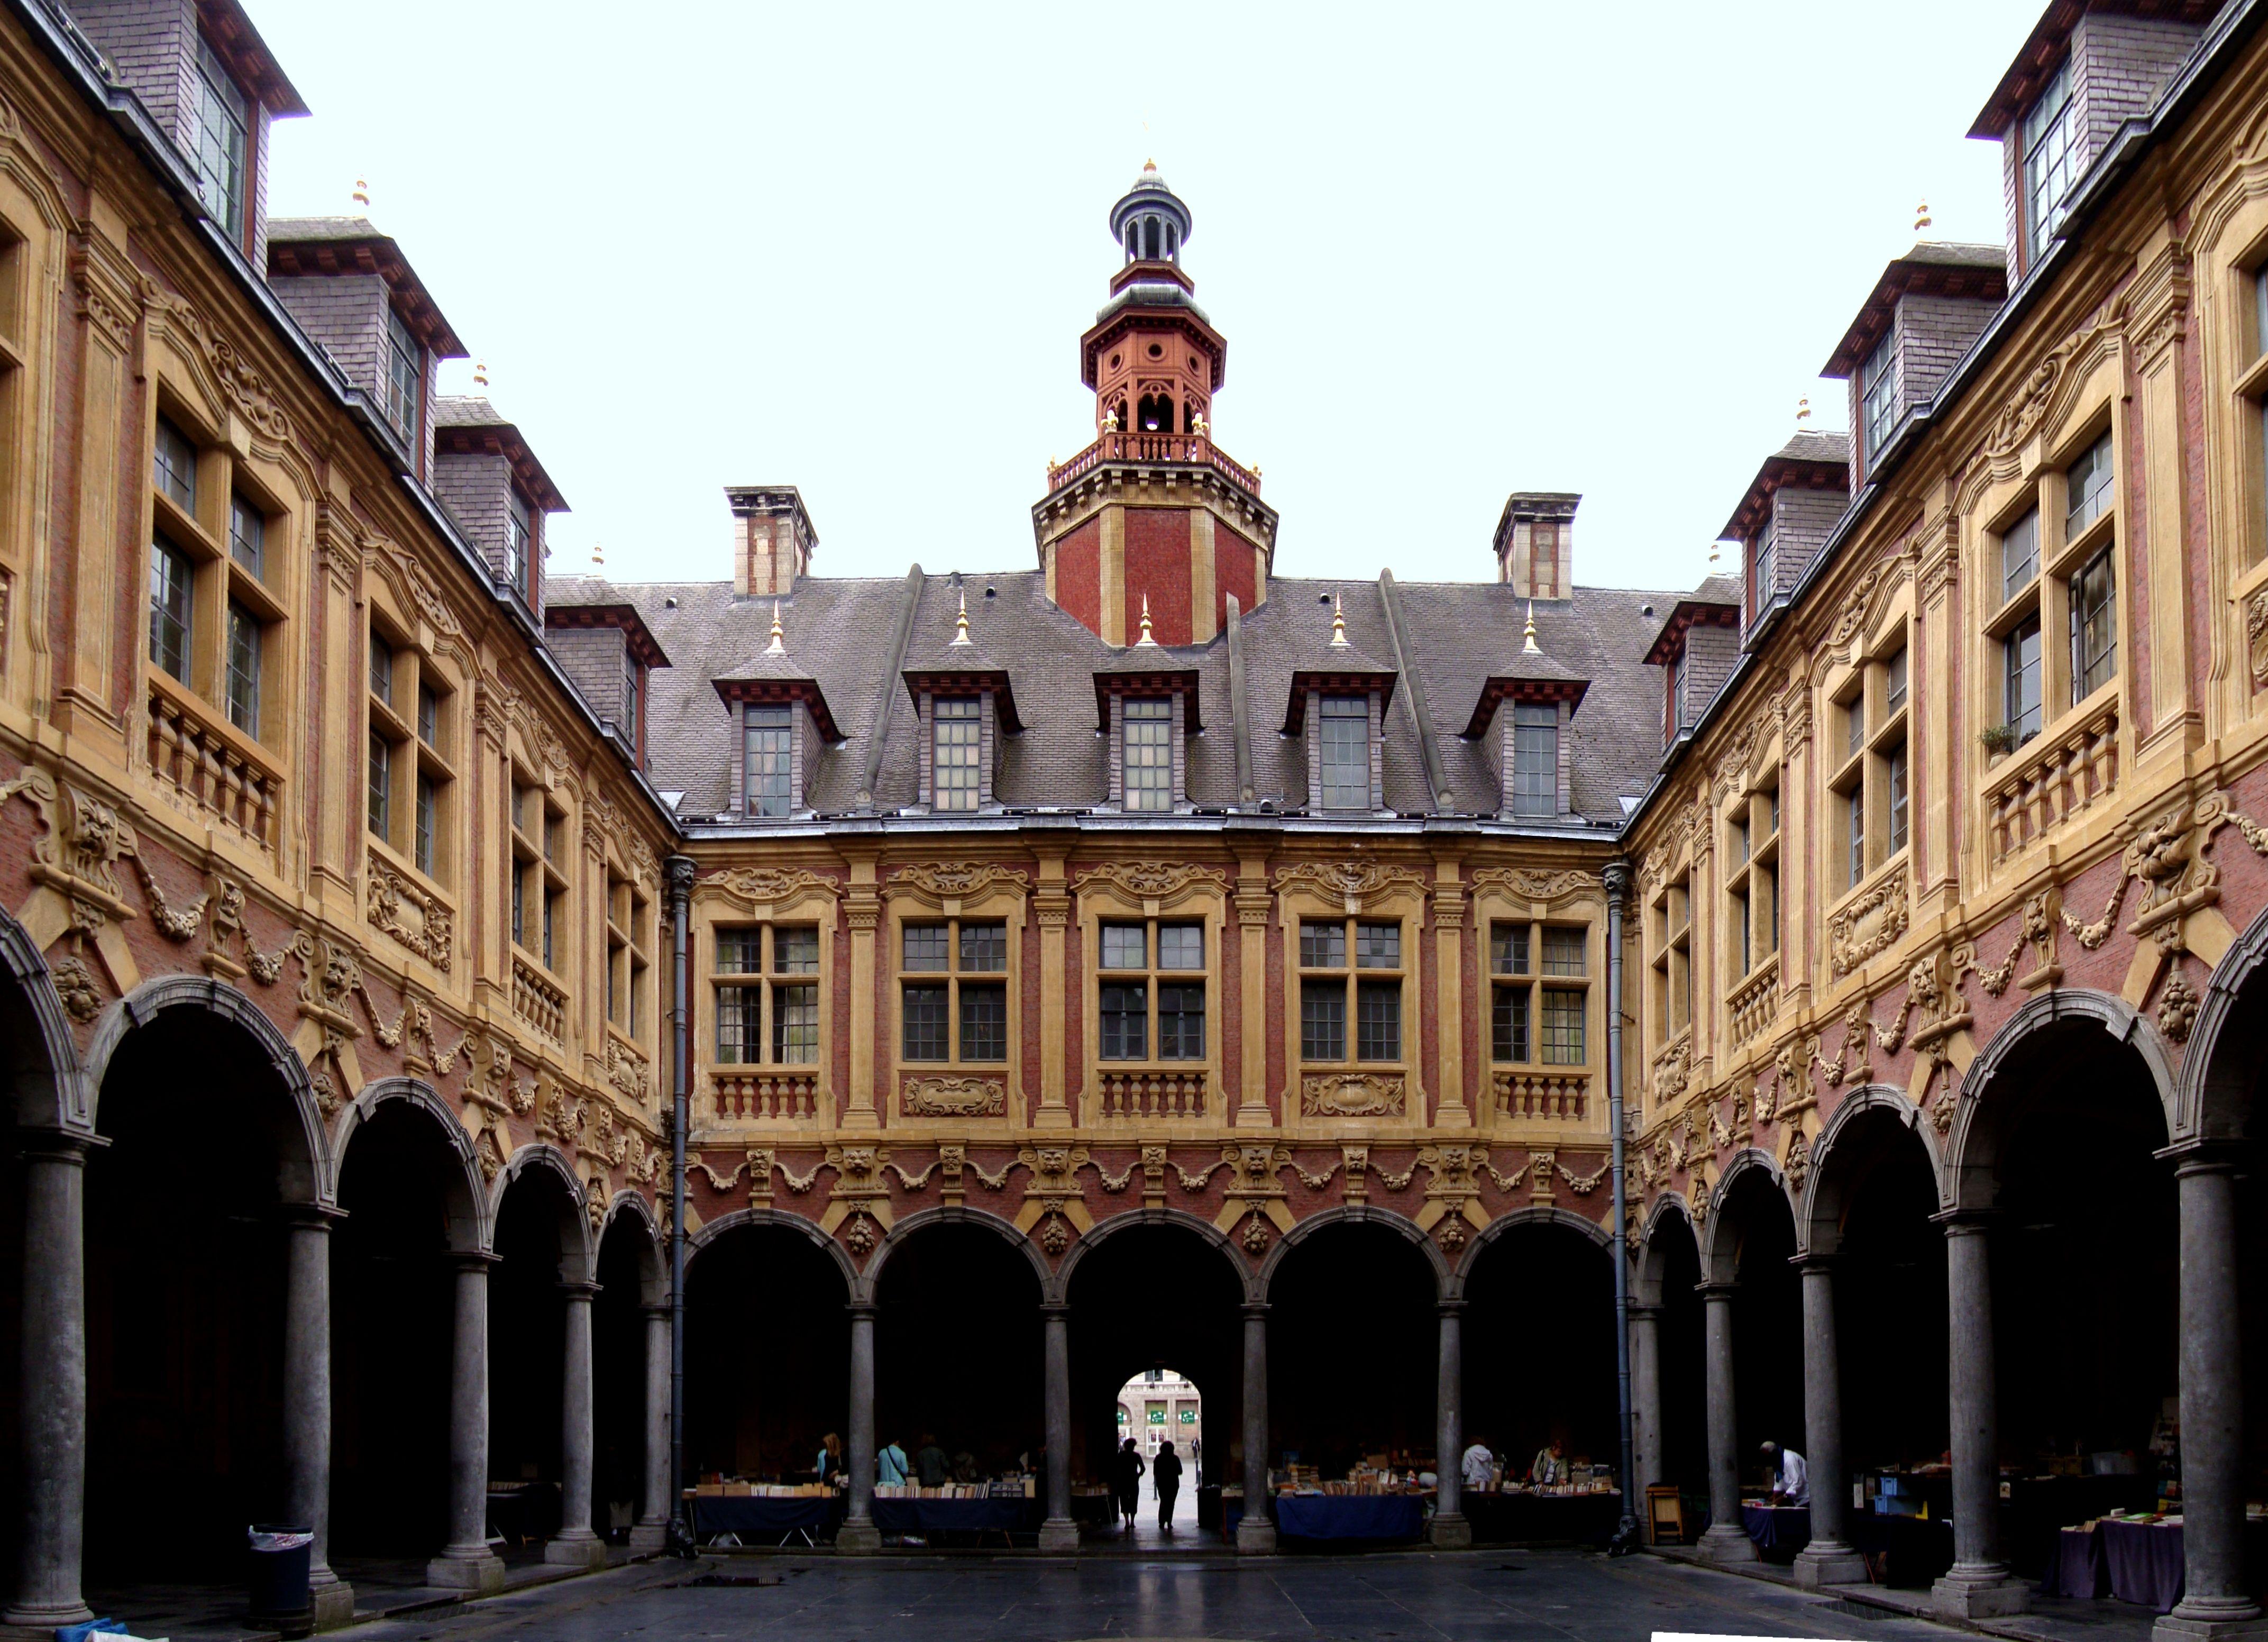 Vieille bourse - Lille | Lille, Ville france, Lille ville